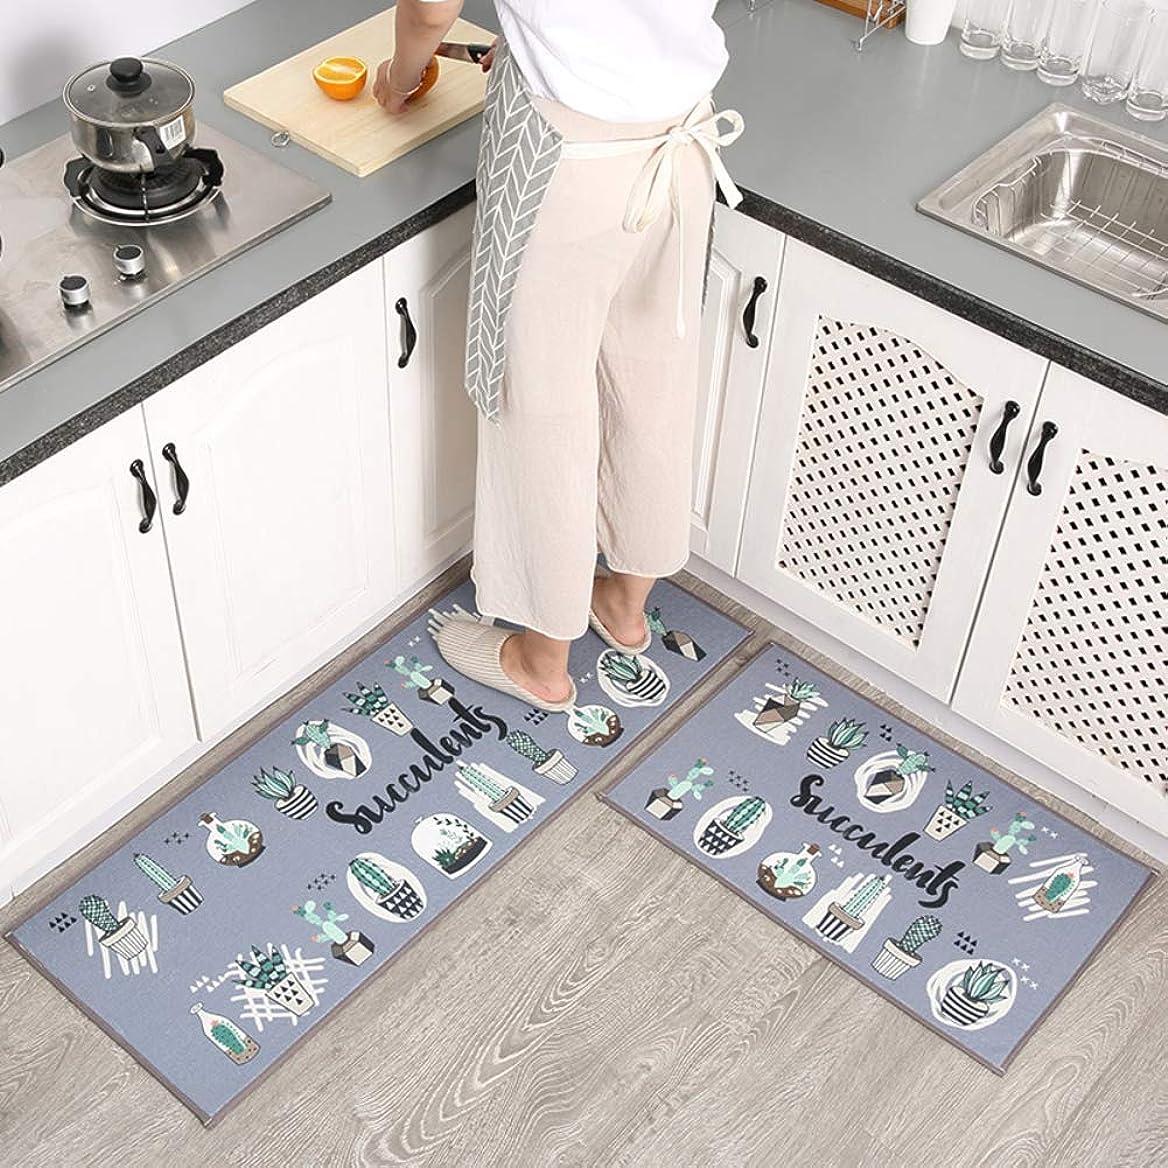 ロータリー守る強要キッチンラグ 設定,クッション キッチンマット,抗疲労 ランナーラグ 洗える キッチンフロアマット カーペット 滑り止め マット 45x70+45x180cm